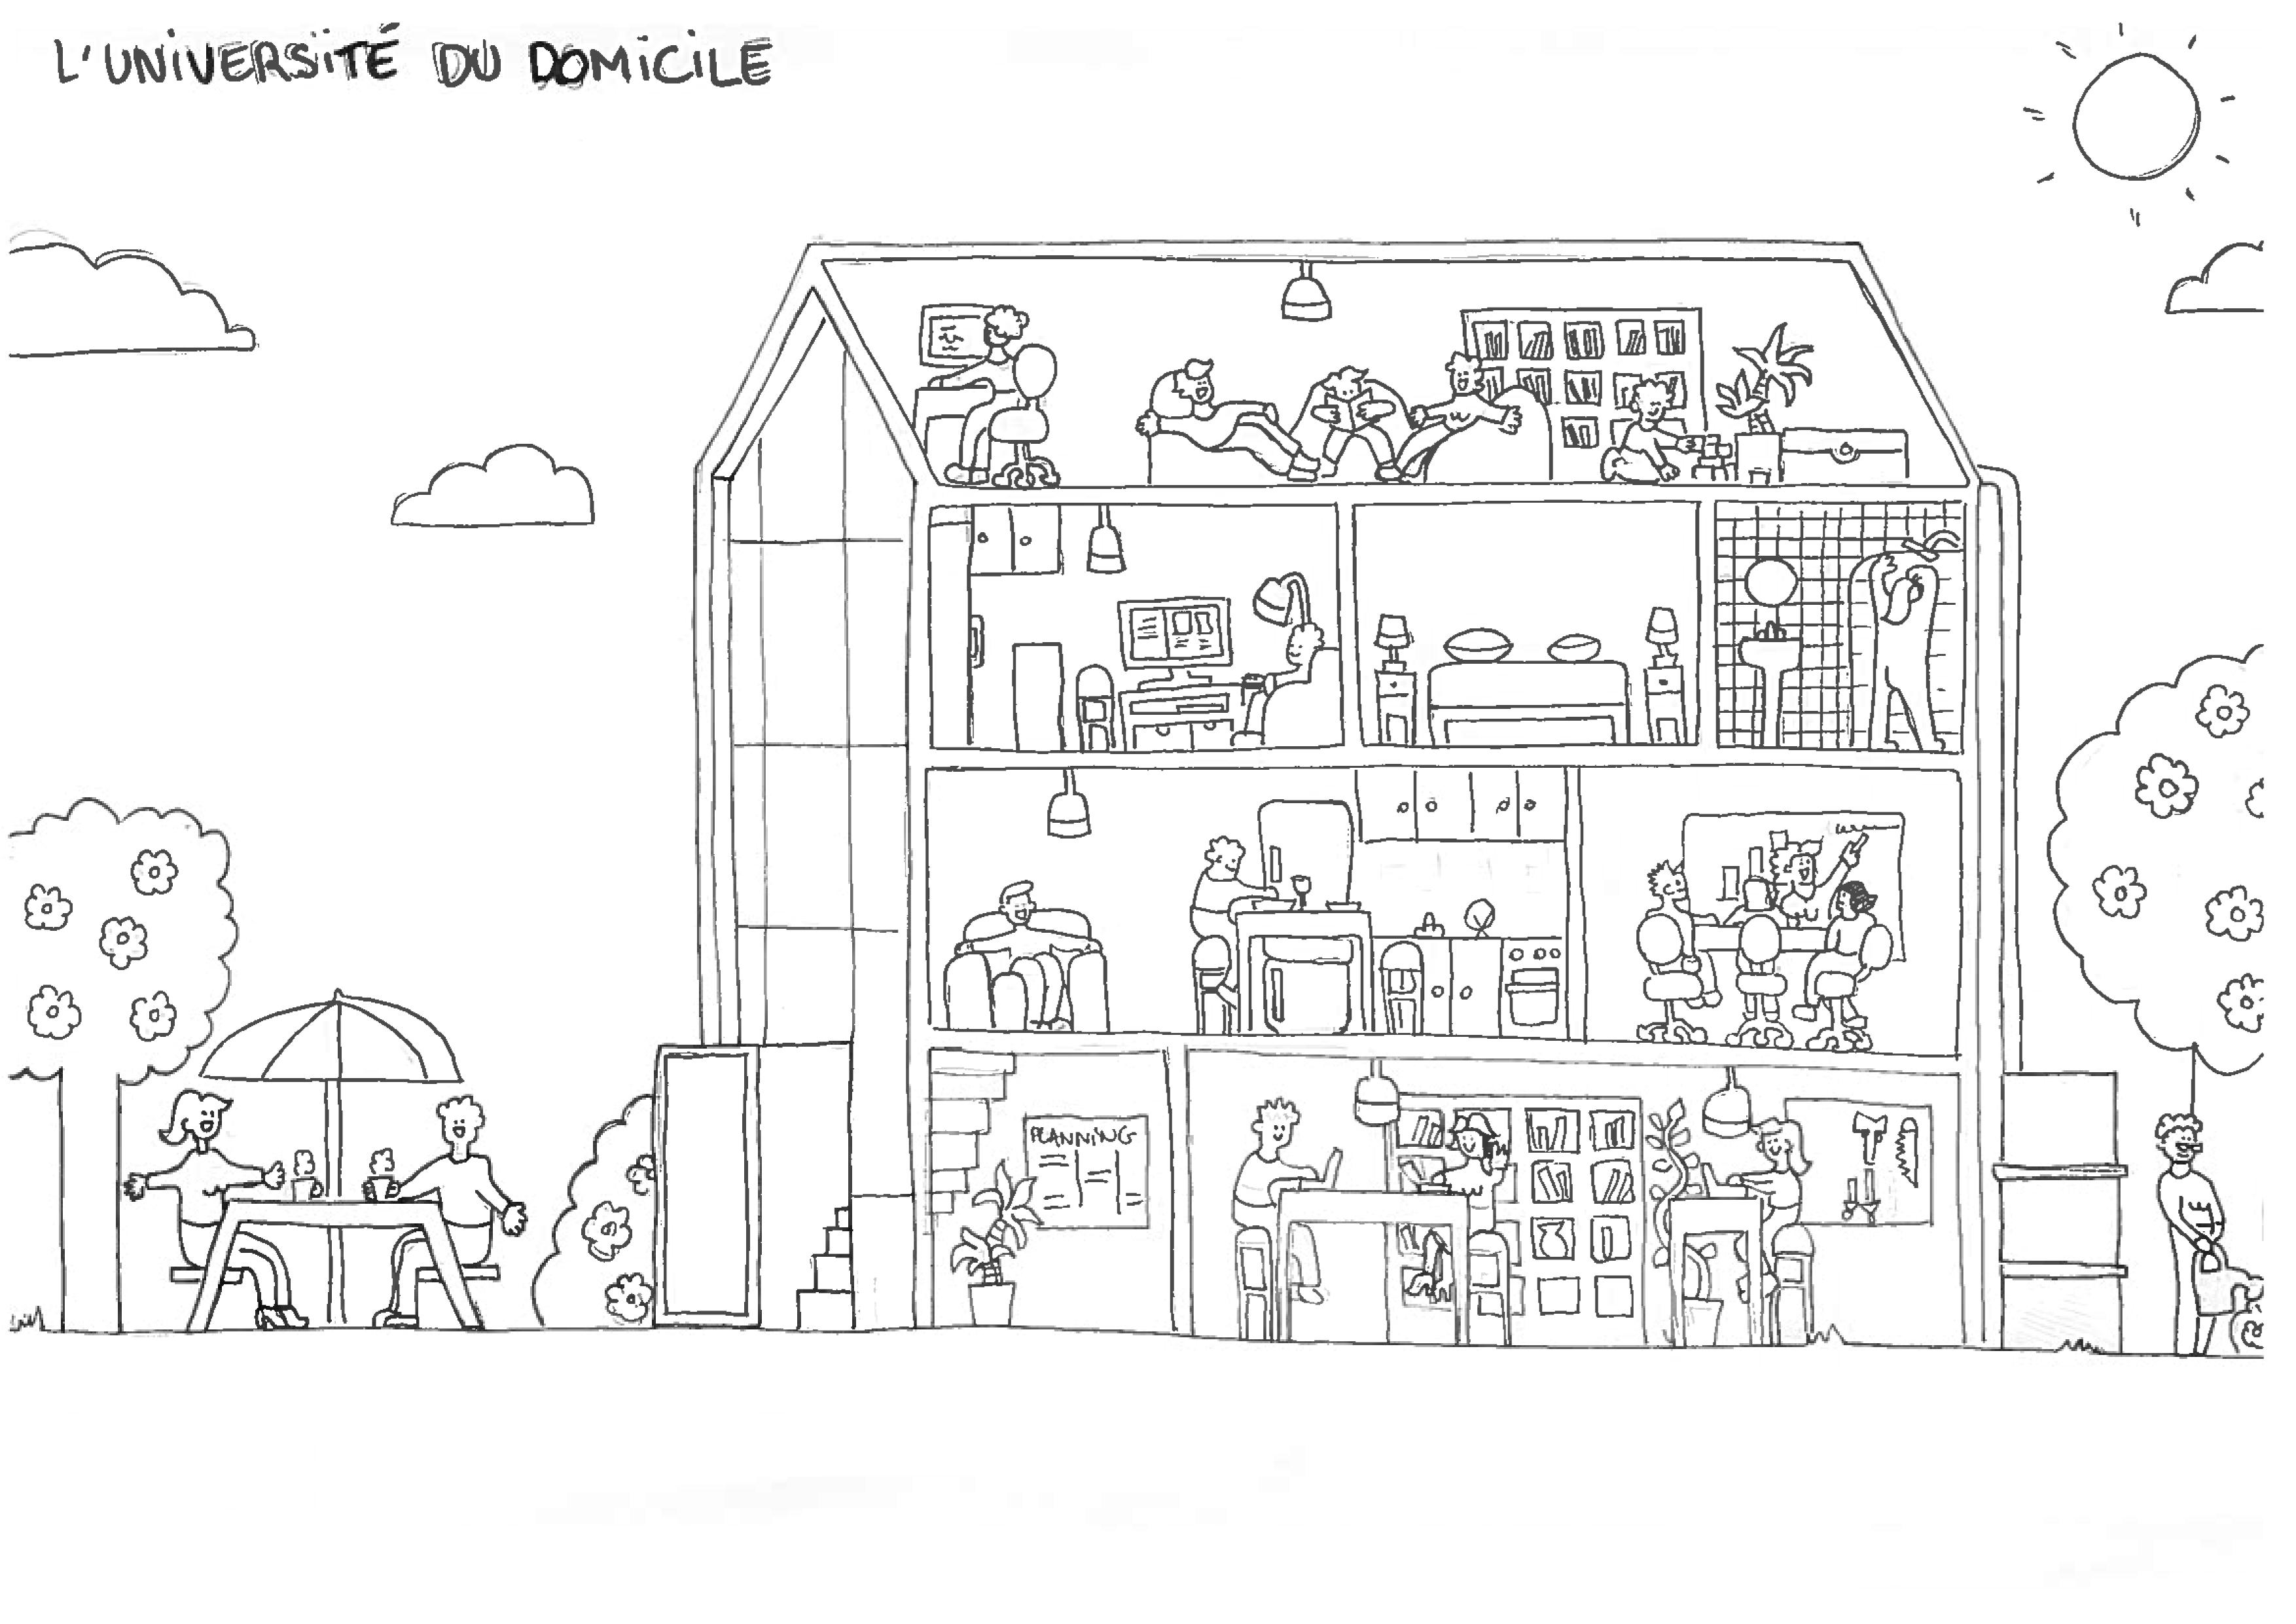 L'université_du_domicile